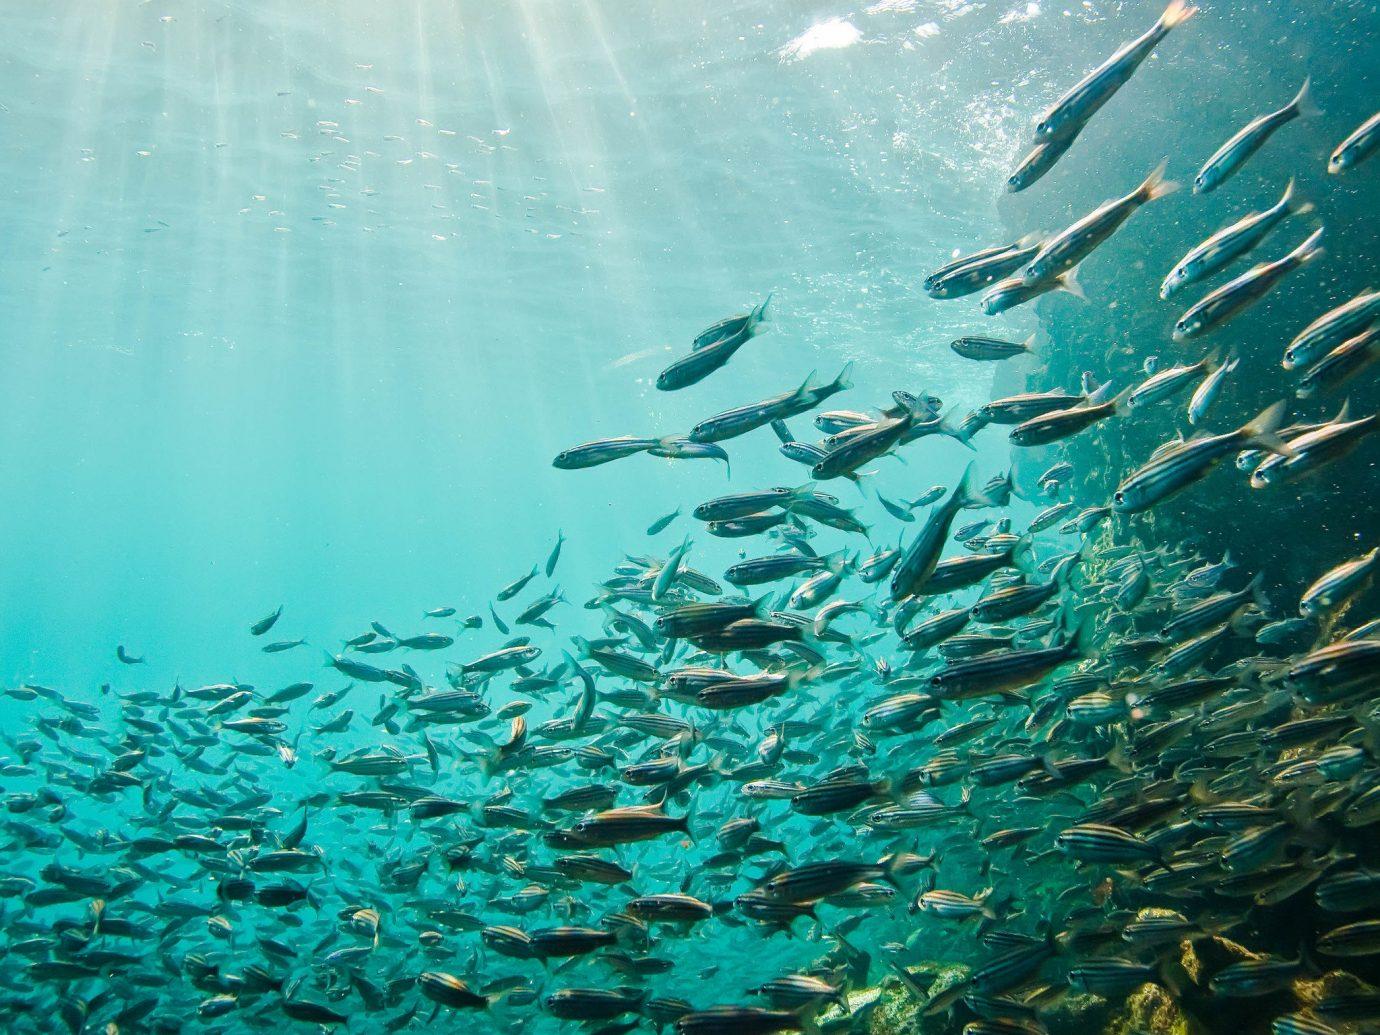 water Sea underwater Ocean marine biology organism sunlight water resources fish reef shoal